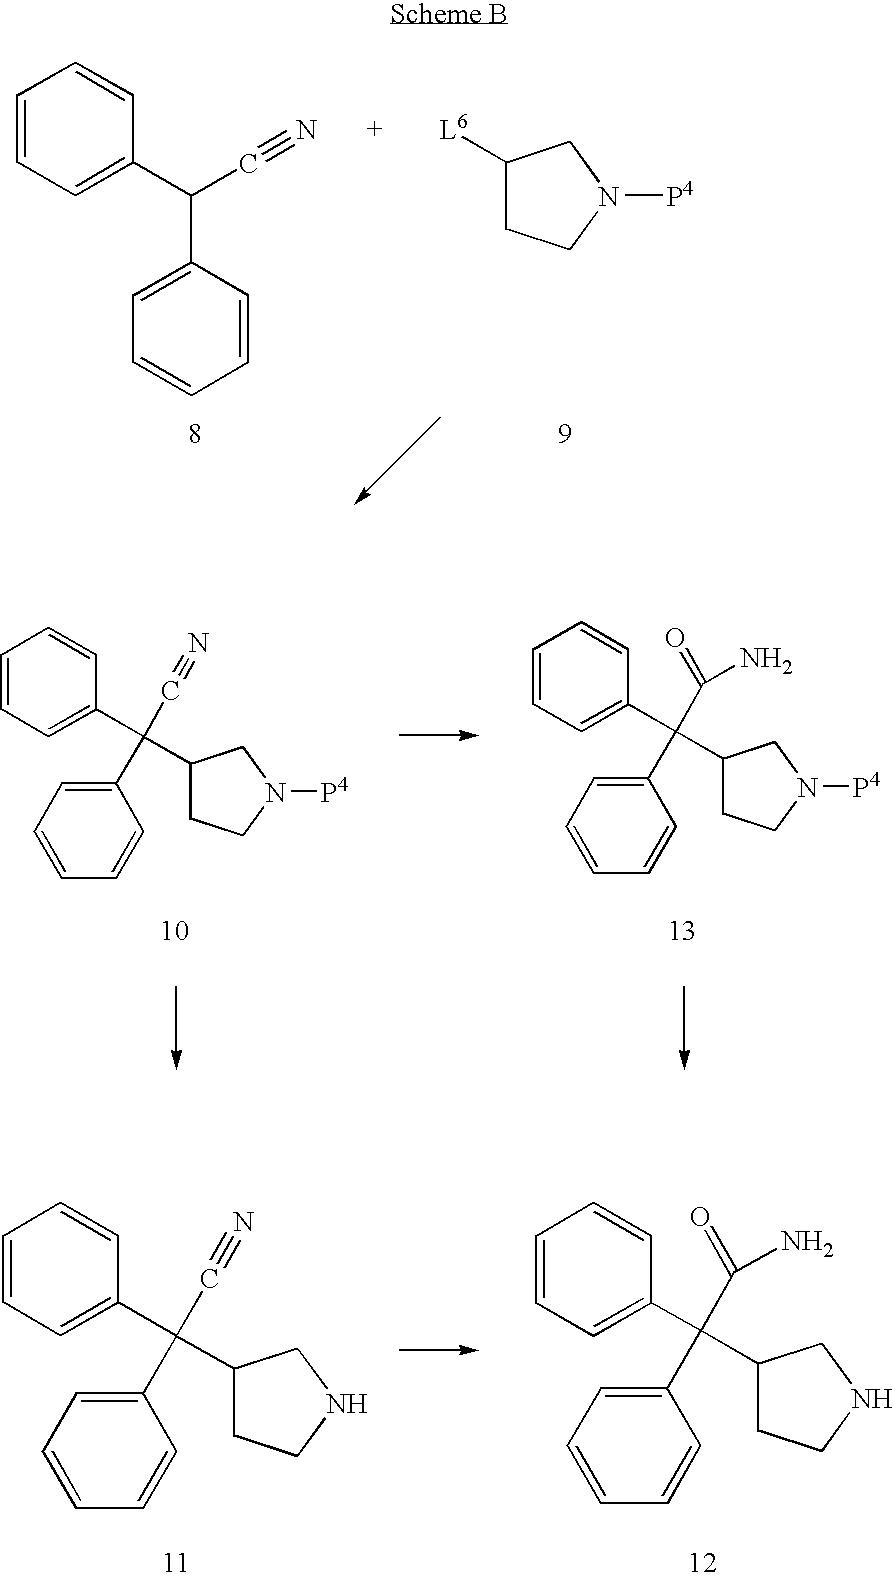 Figure US20070135482A1-20070614-C00018